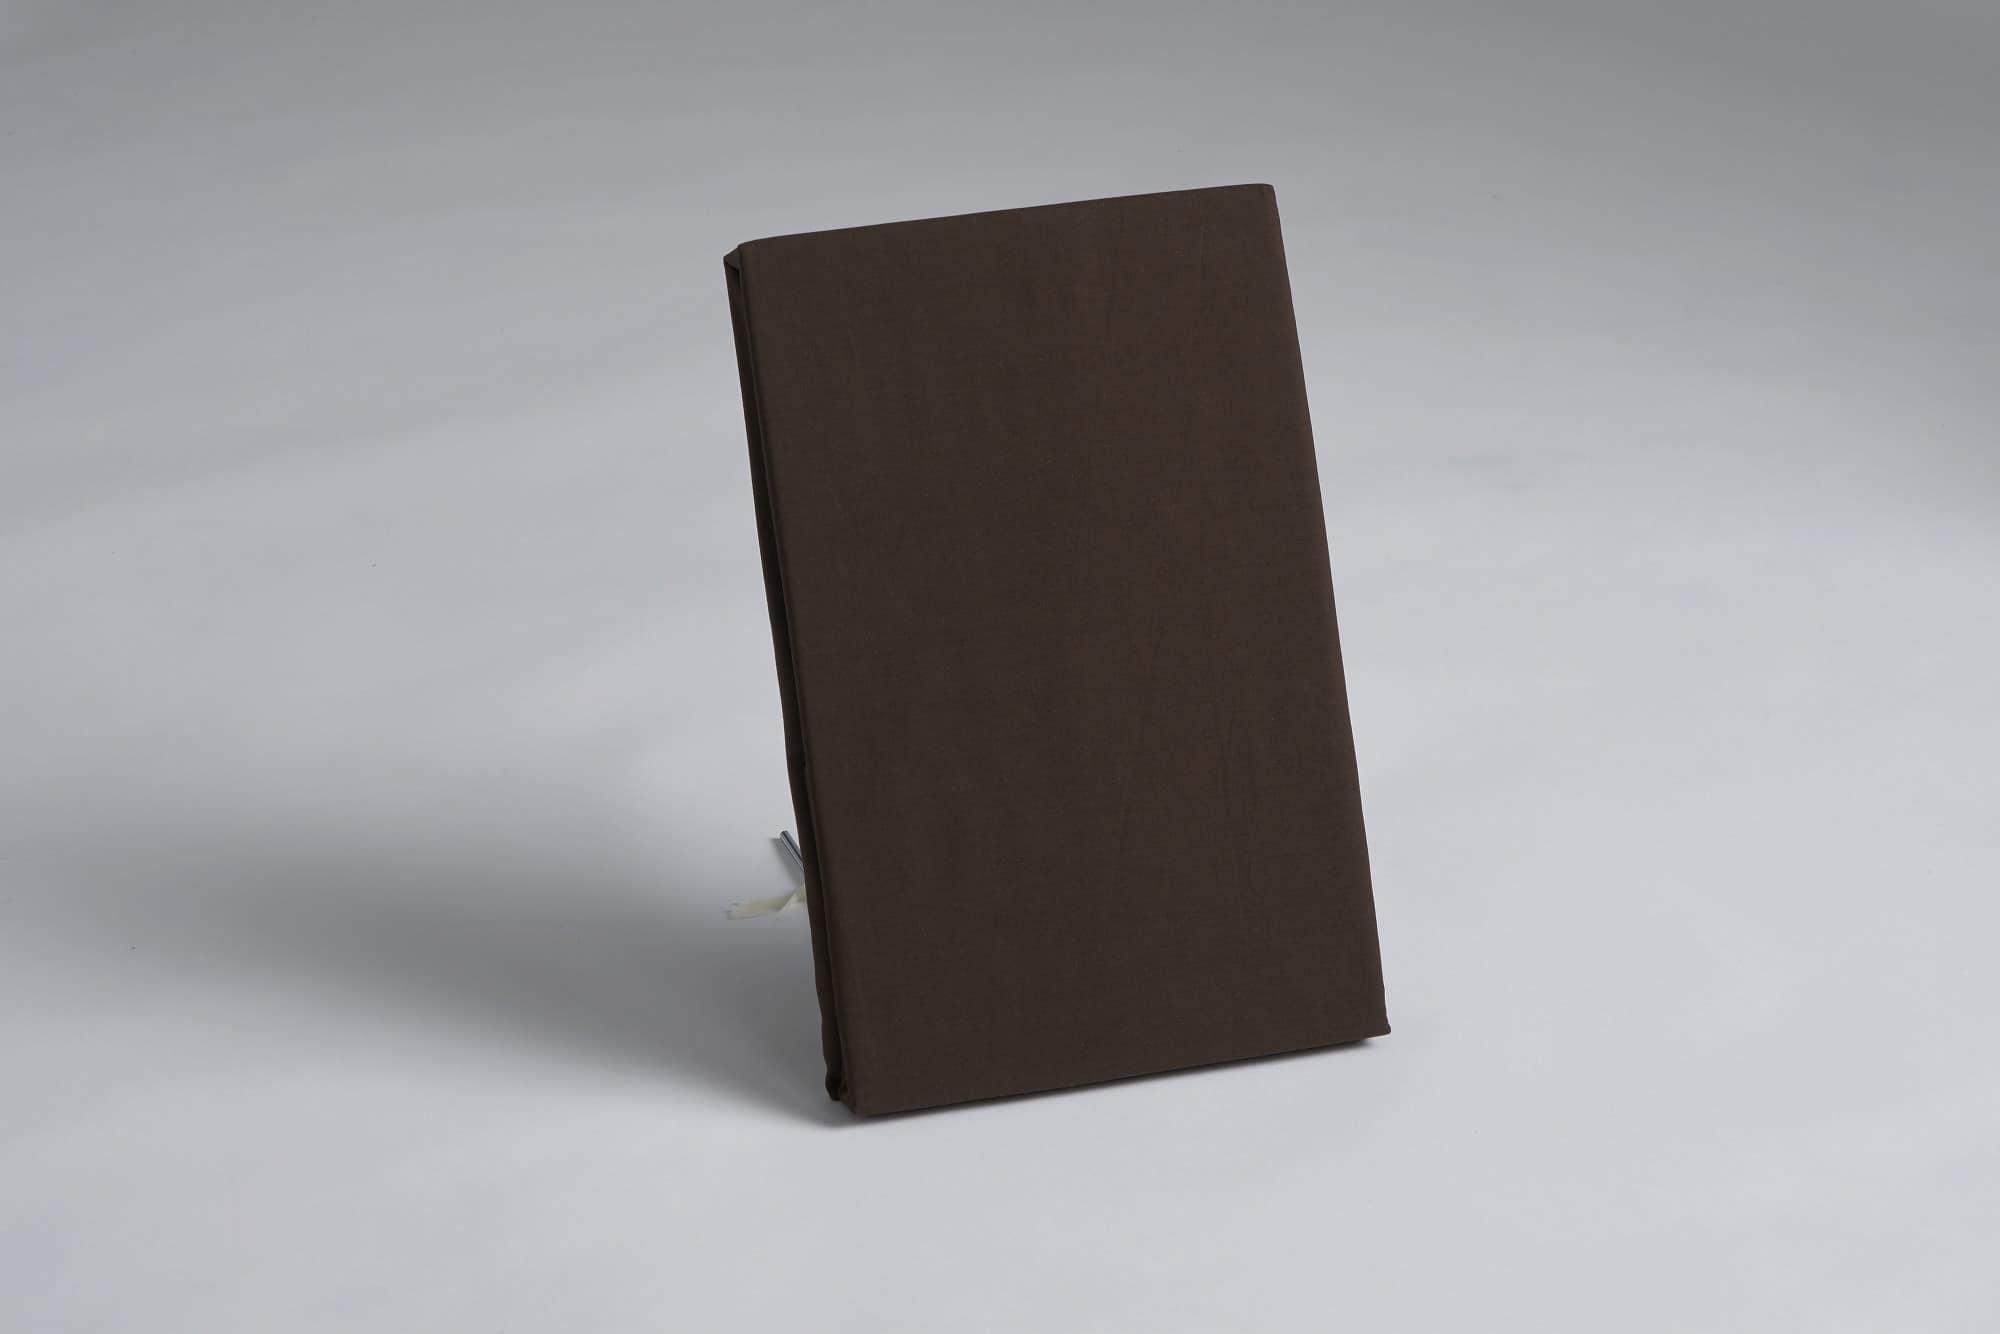 ボックスシーツ キング1用 45H ブラウン